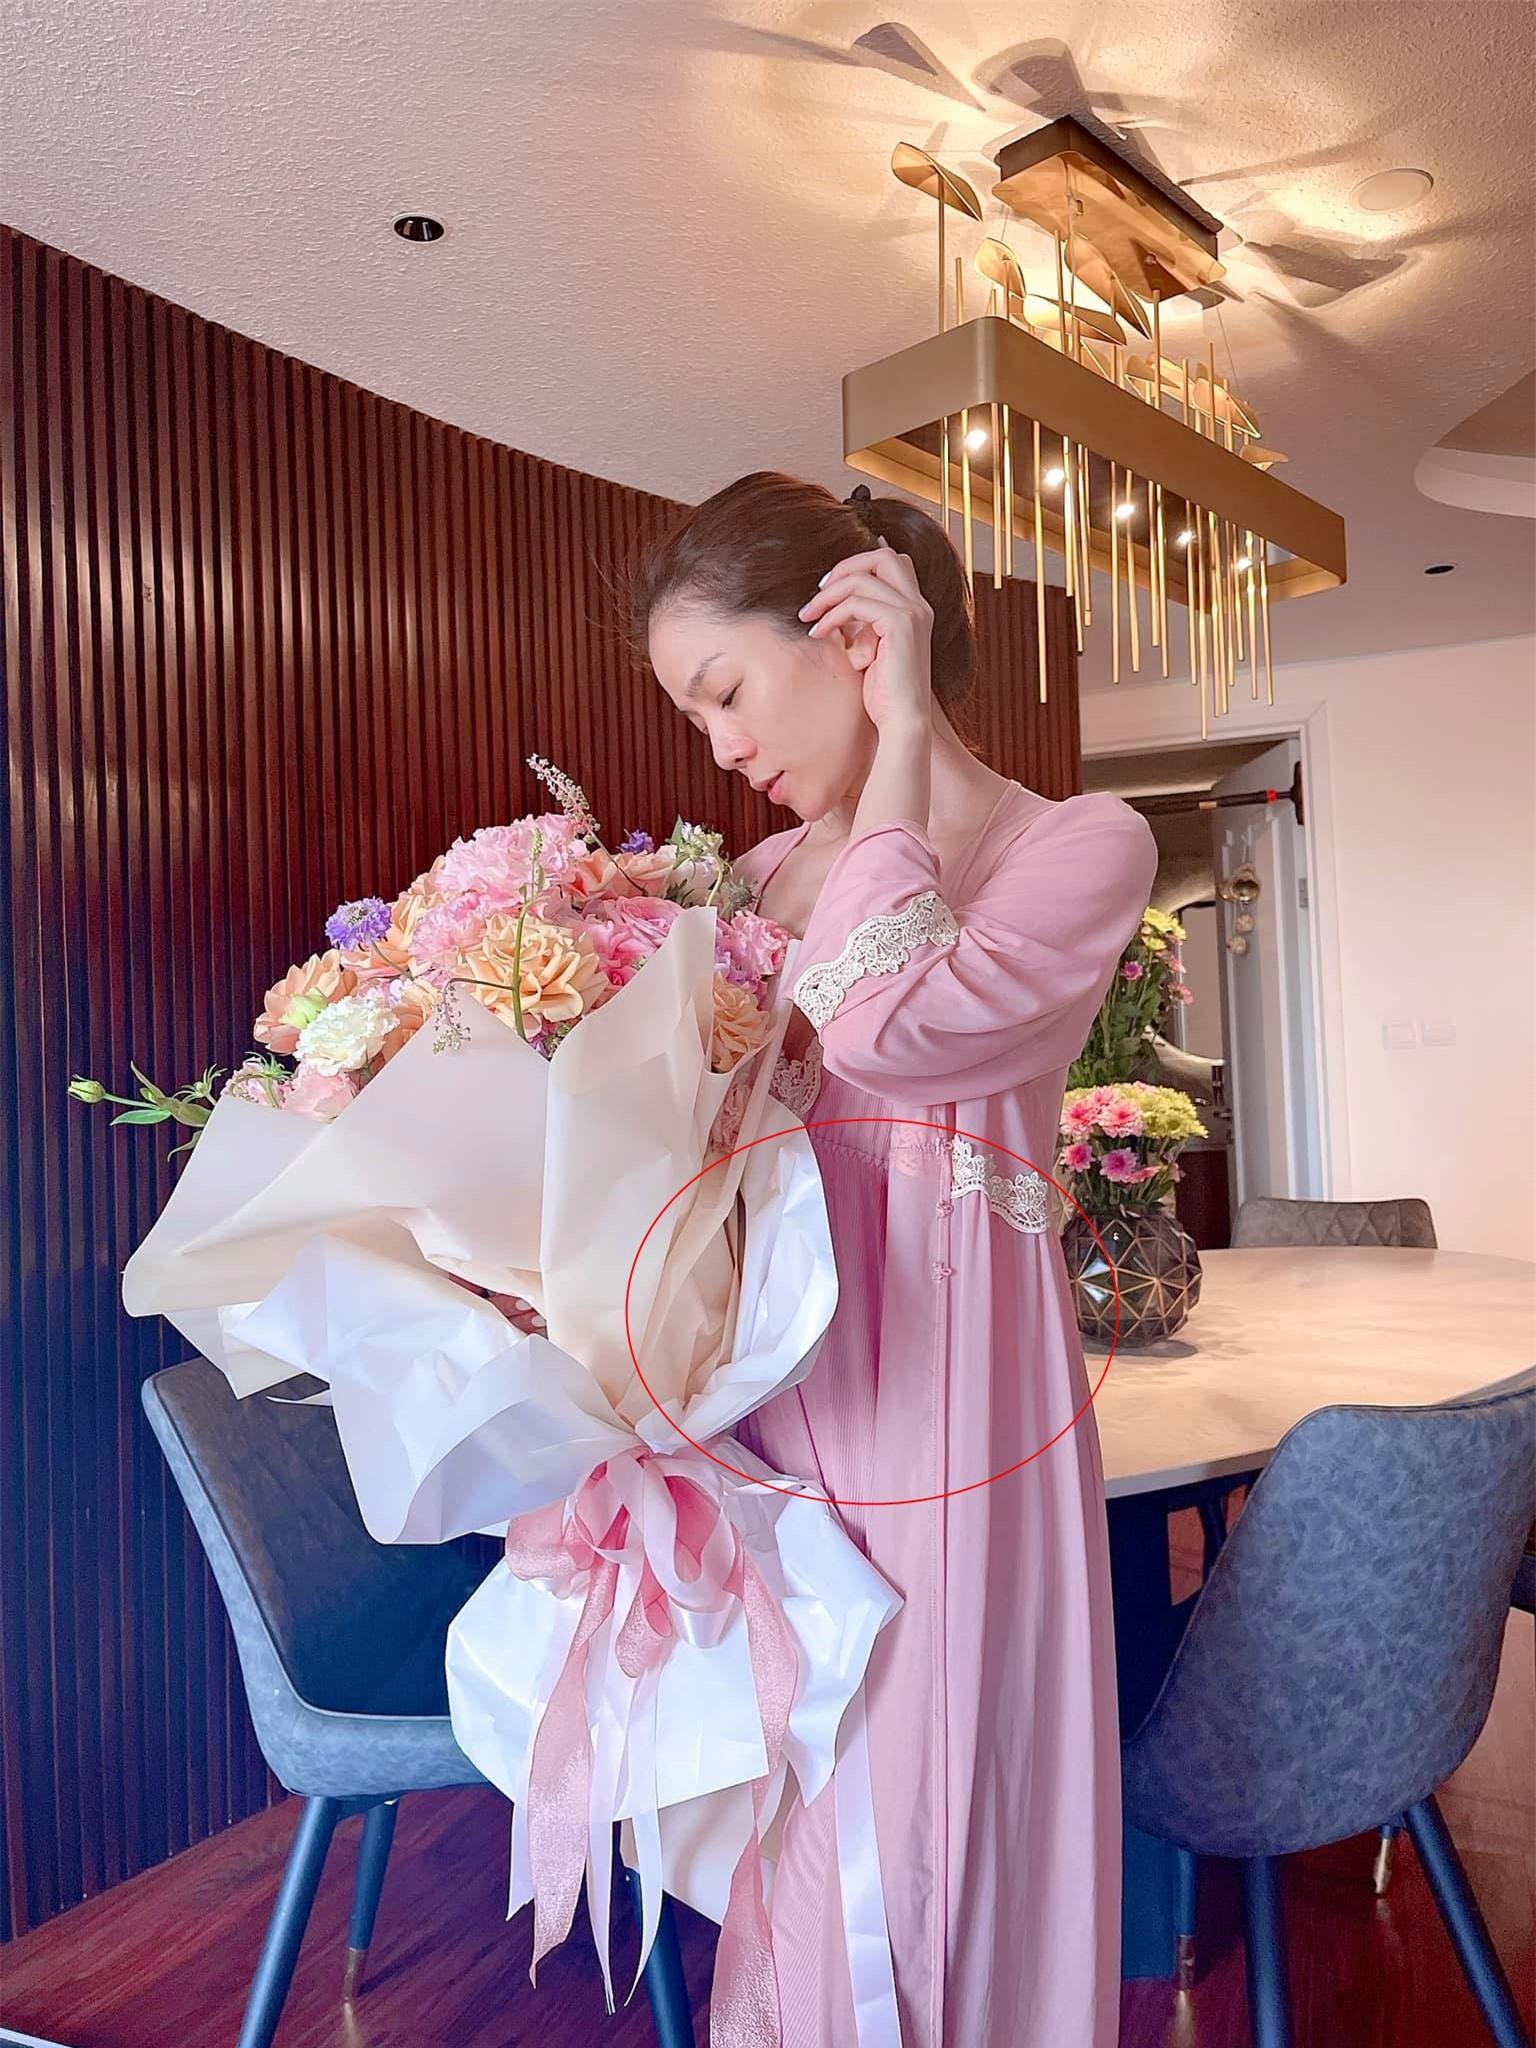 Lệ Quyên lộ bụng bầu khi đăng ảnh kỷ niệm 1 năm yêu tình trẻ Lâm Bảo Châu? - Ảnh 2.